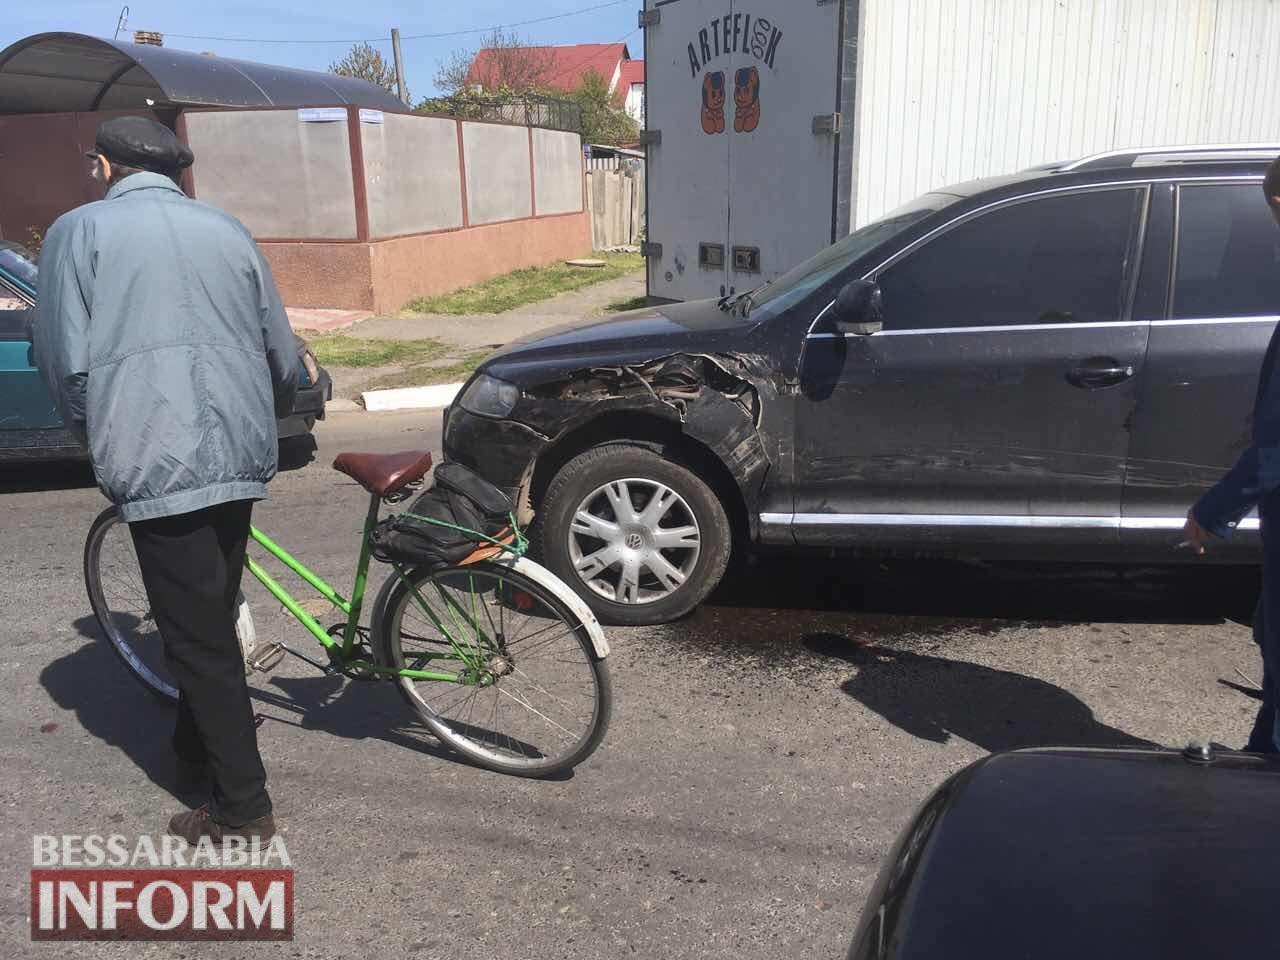 DTP-v-Izmaile-1 Измаил: на Белгород-Днестровской произошло тройное ДТП